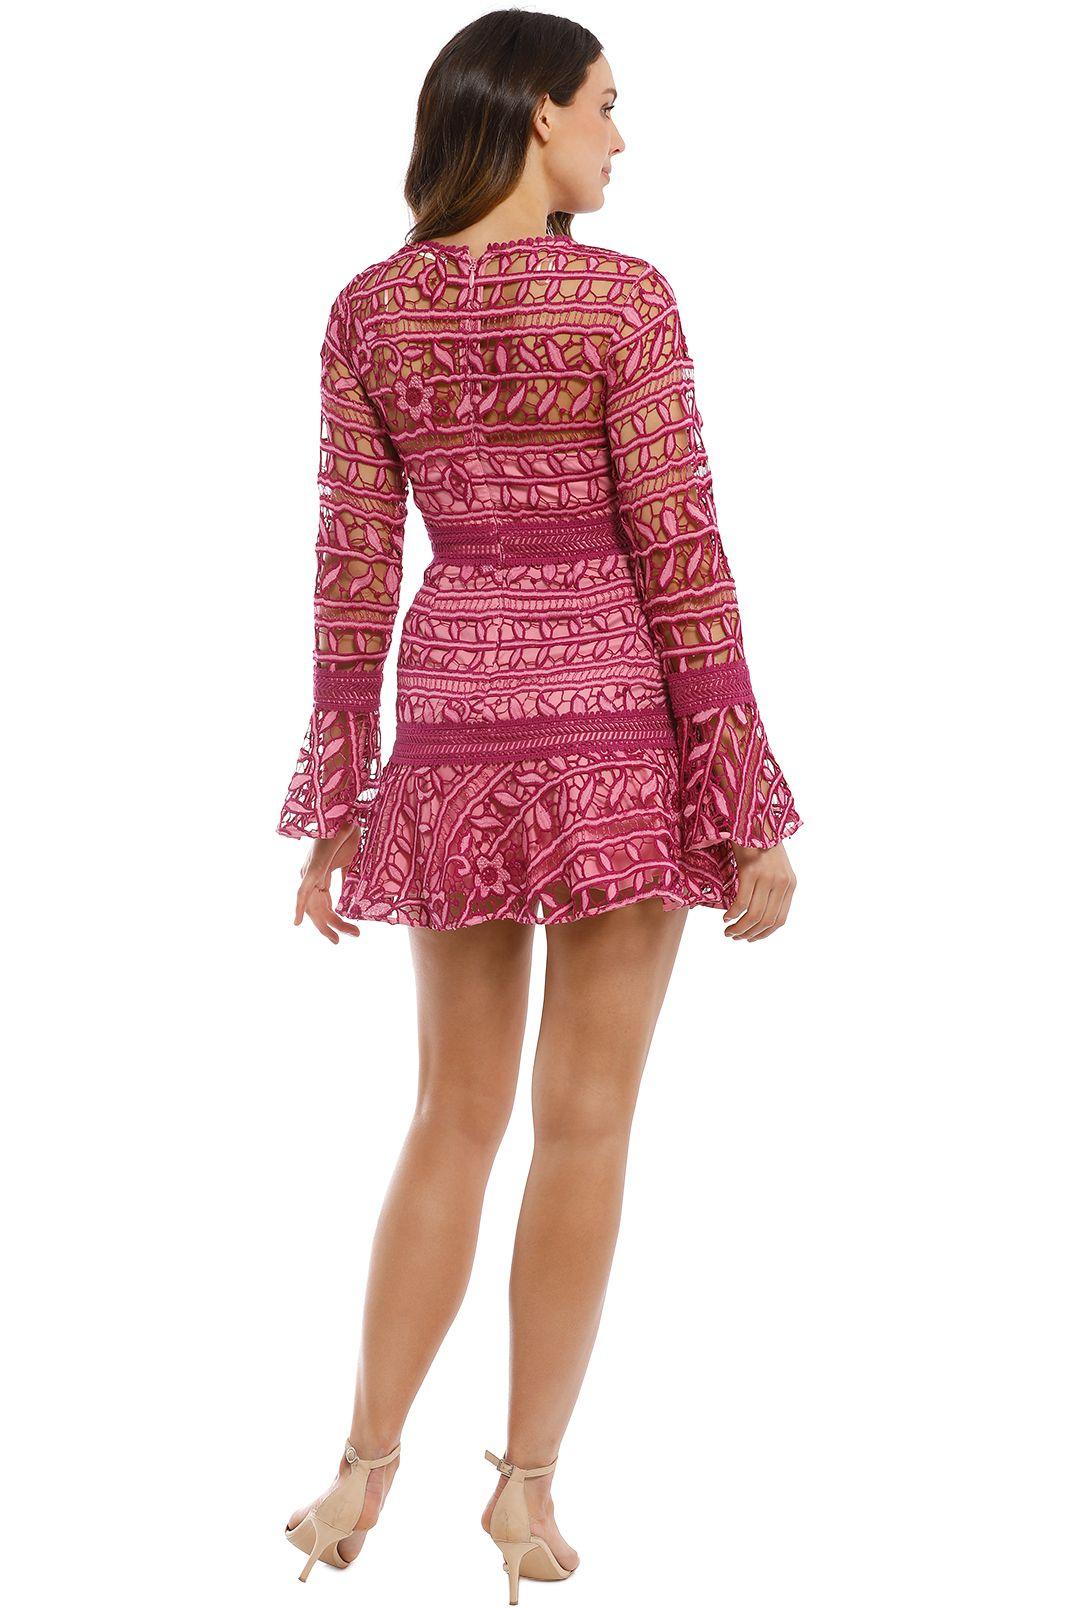 Talulah - Caprice Mini Dress - Multi Pink - Back